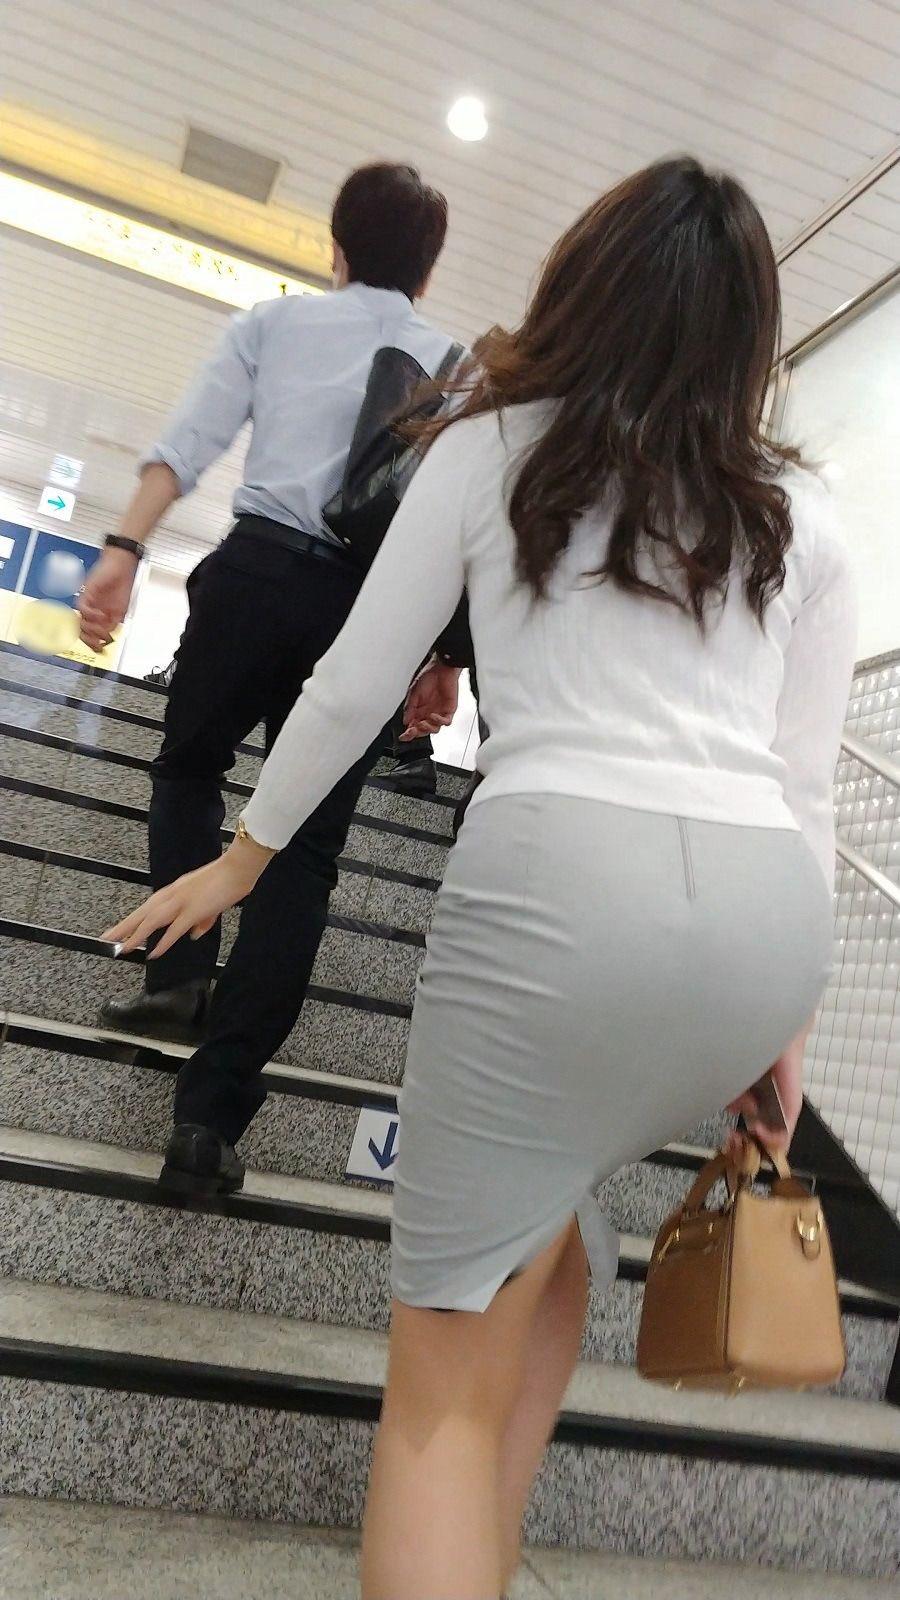 働く女性のお尻とか胸チラしてるOL画像くださいwwwwwwwwwwwwwwww aGwFS9l